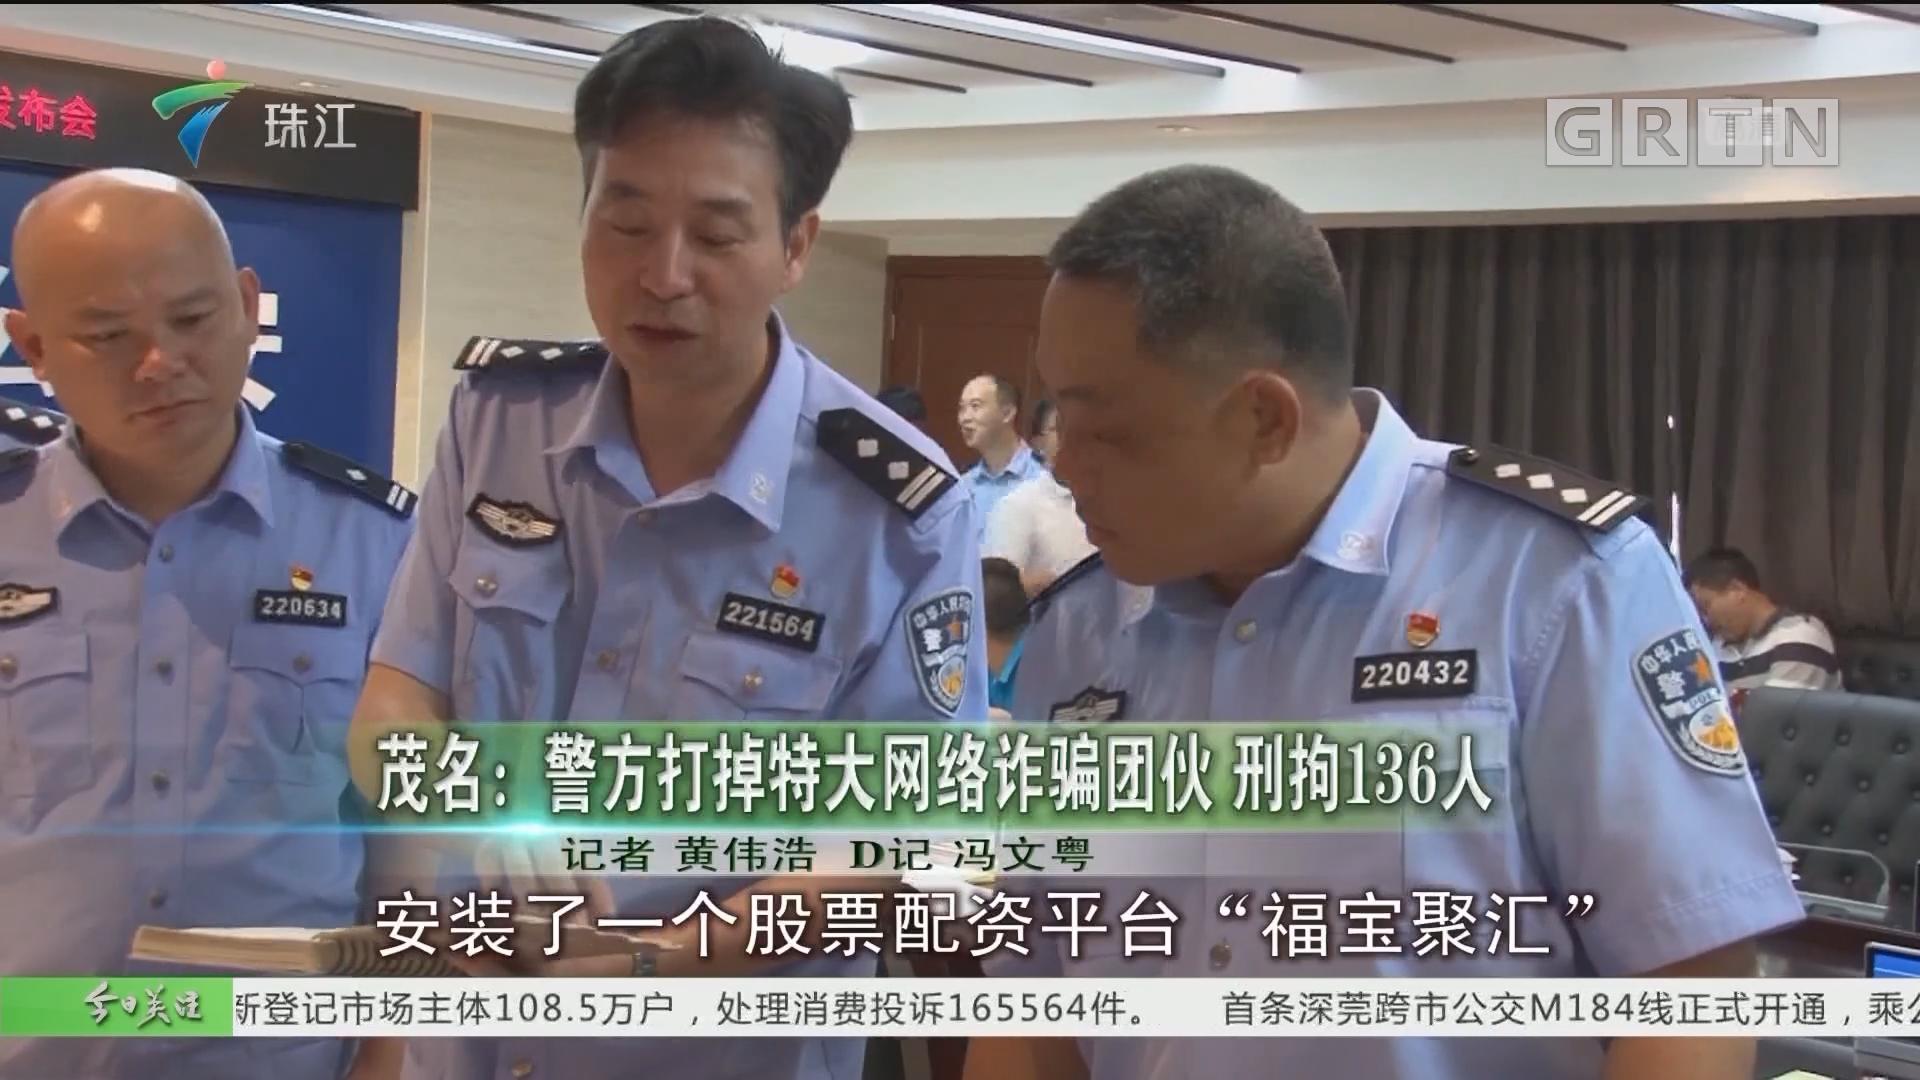 茂名:警方打掉特大网络诈骗团伙 刑拘136人